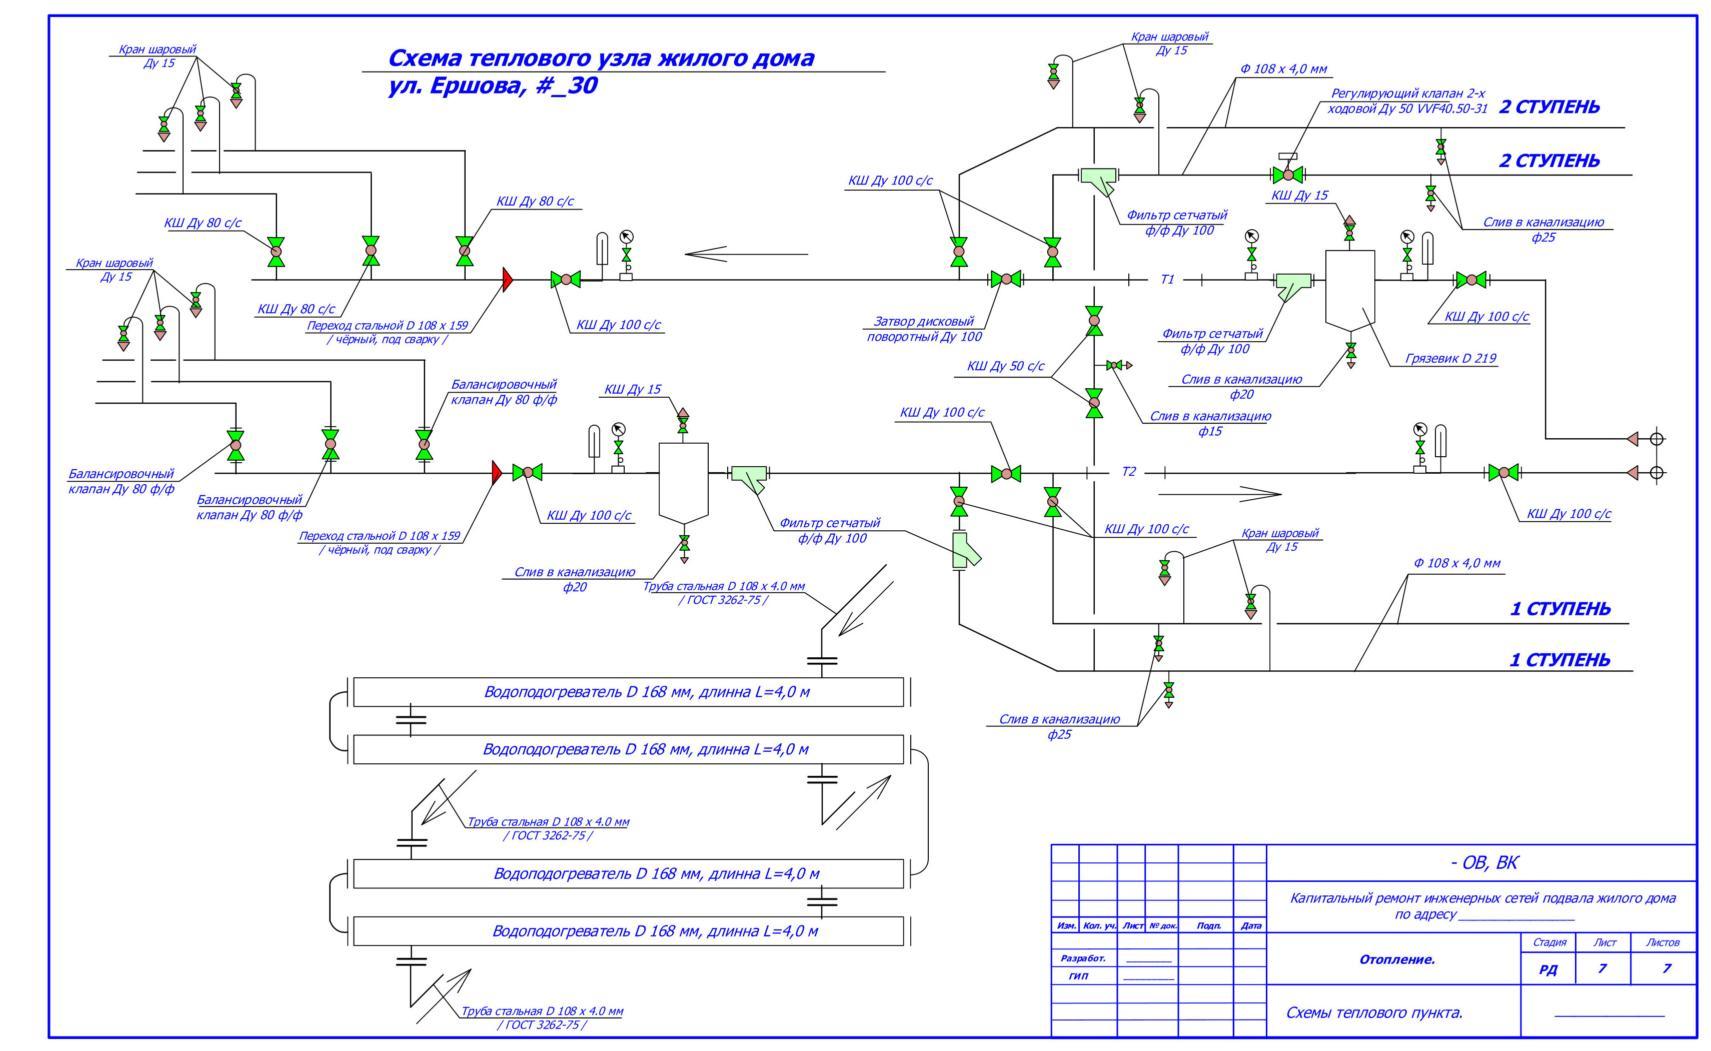 Схема теплового узла перепад давления